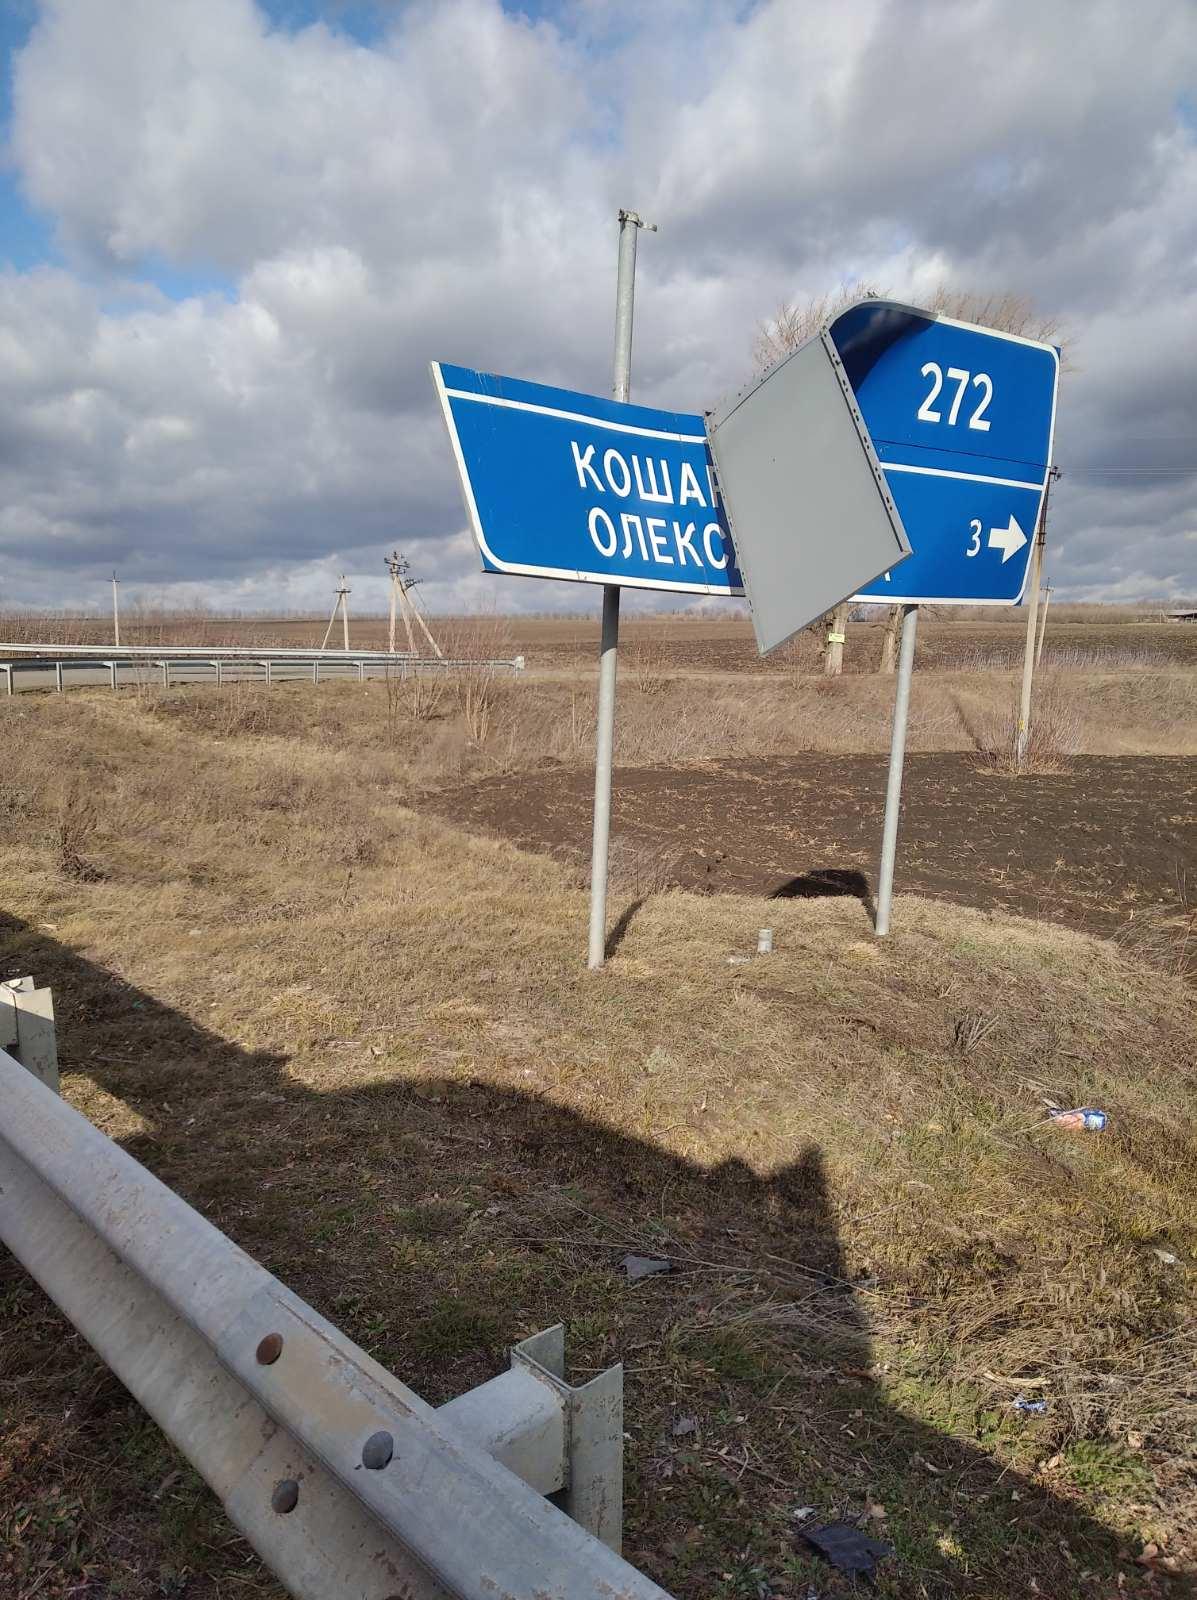 Без Купюр Сильний вітер пошкодив дорожні знаки на Кіровоградщині. ФОТО За кермом  служба автомобільних доріг обвалилося дерево негода 2020 рік